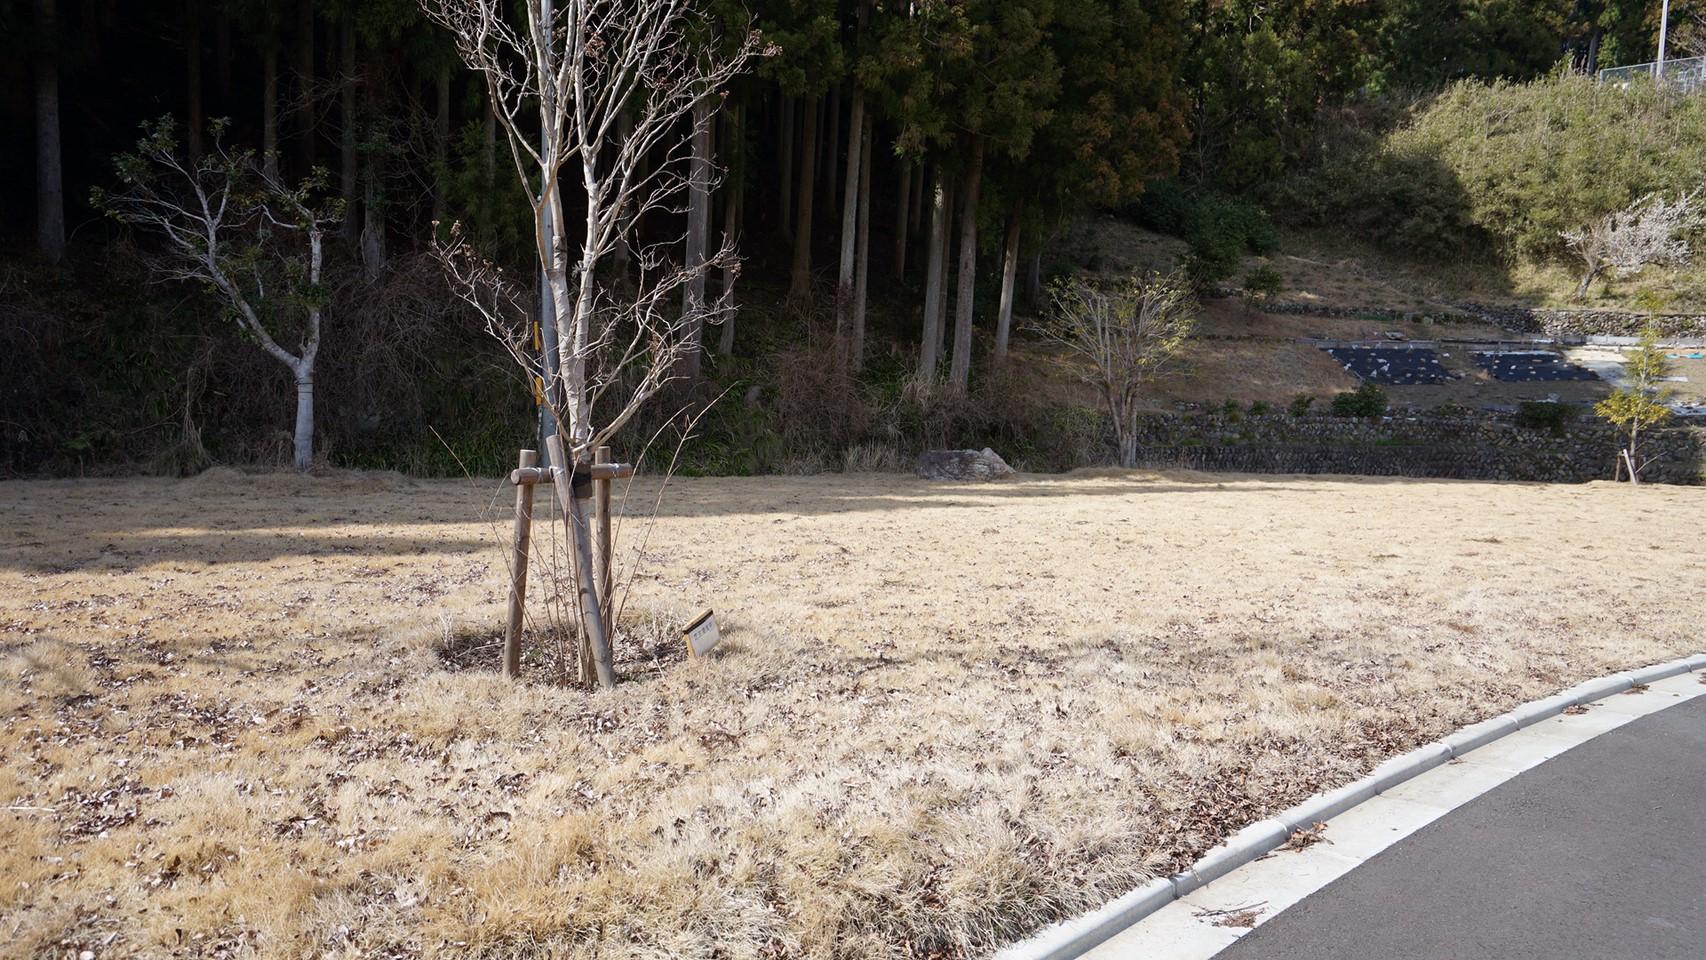 【岐阜県関市】『グリーンプラザみやま』の情報まとめ(駐車場・トイレ)